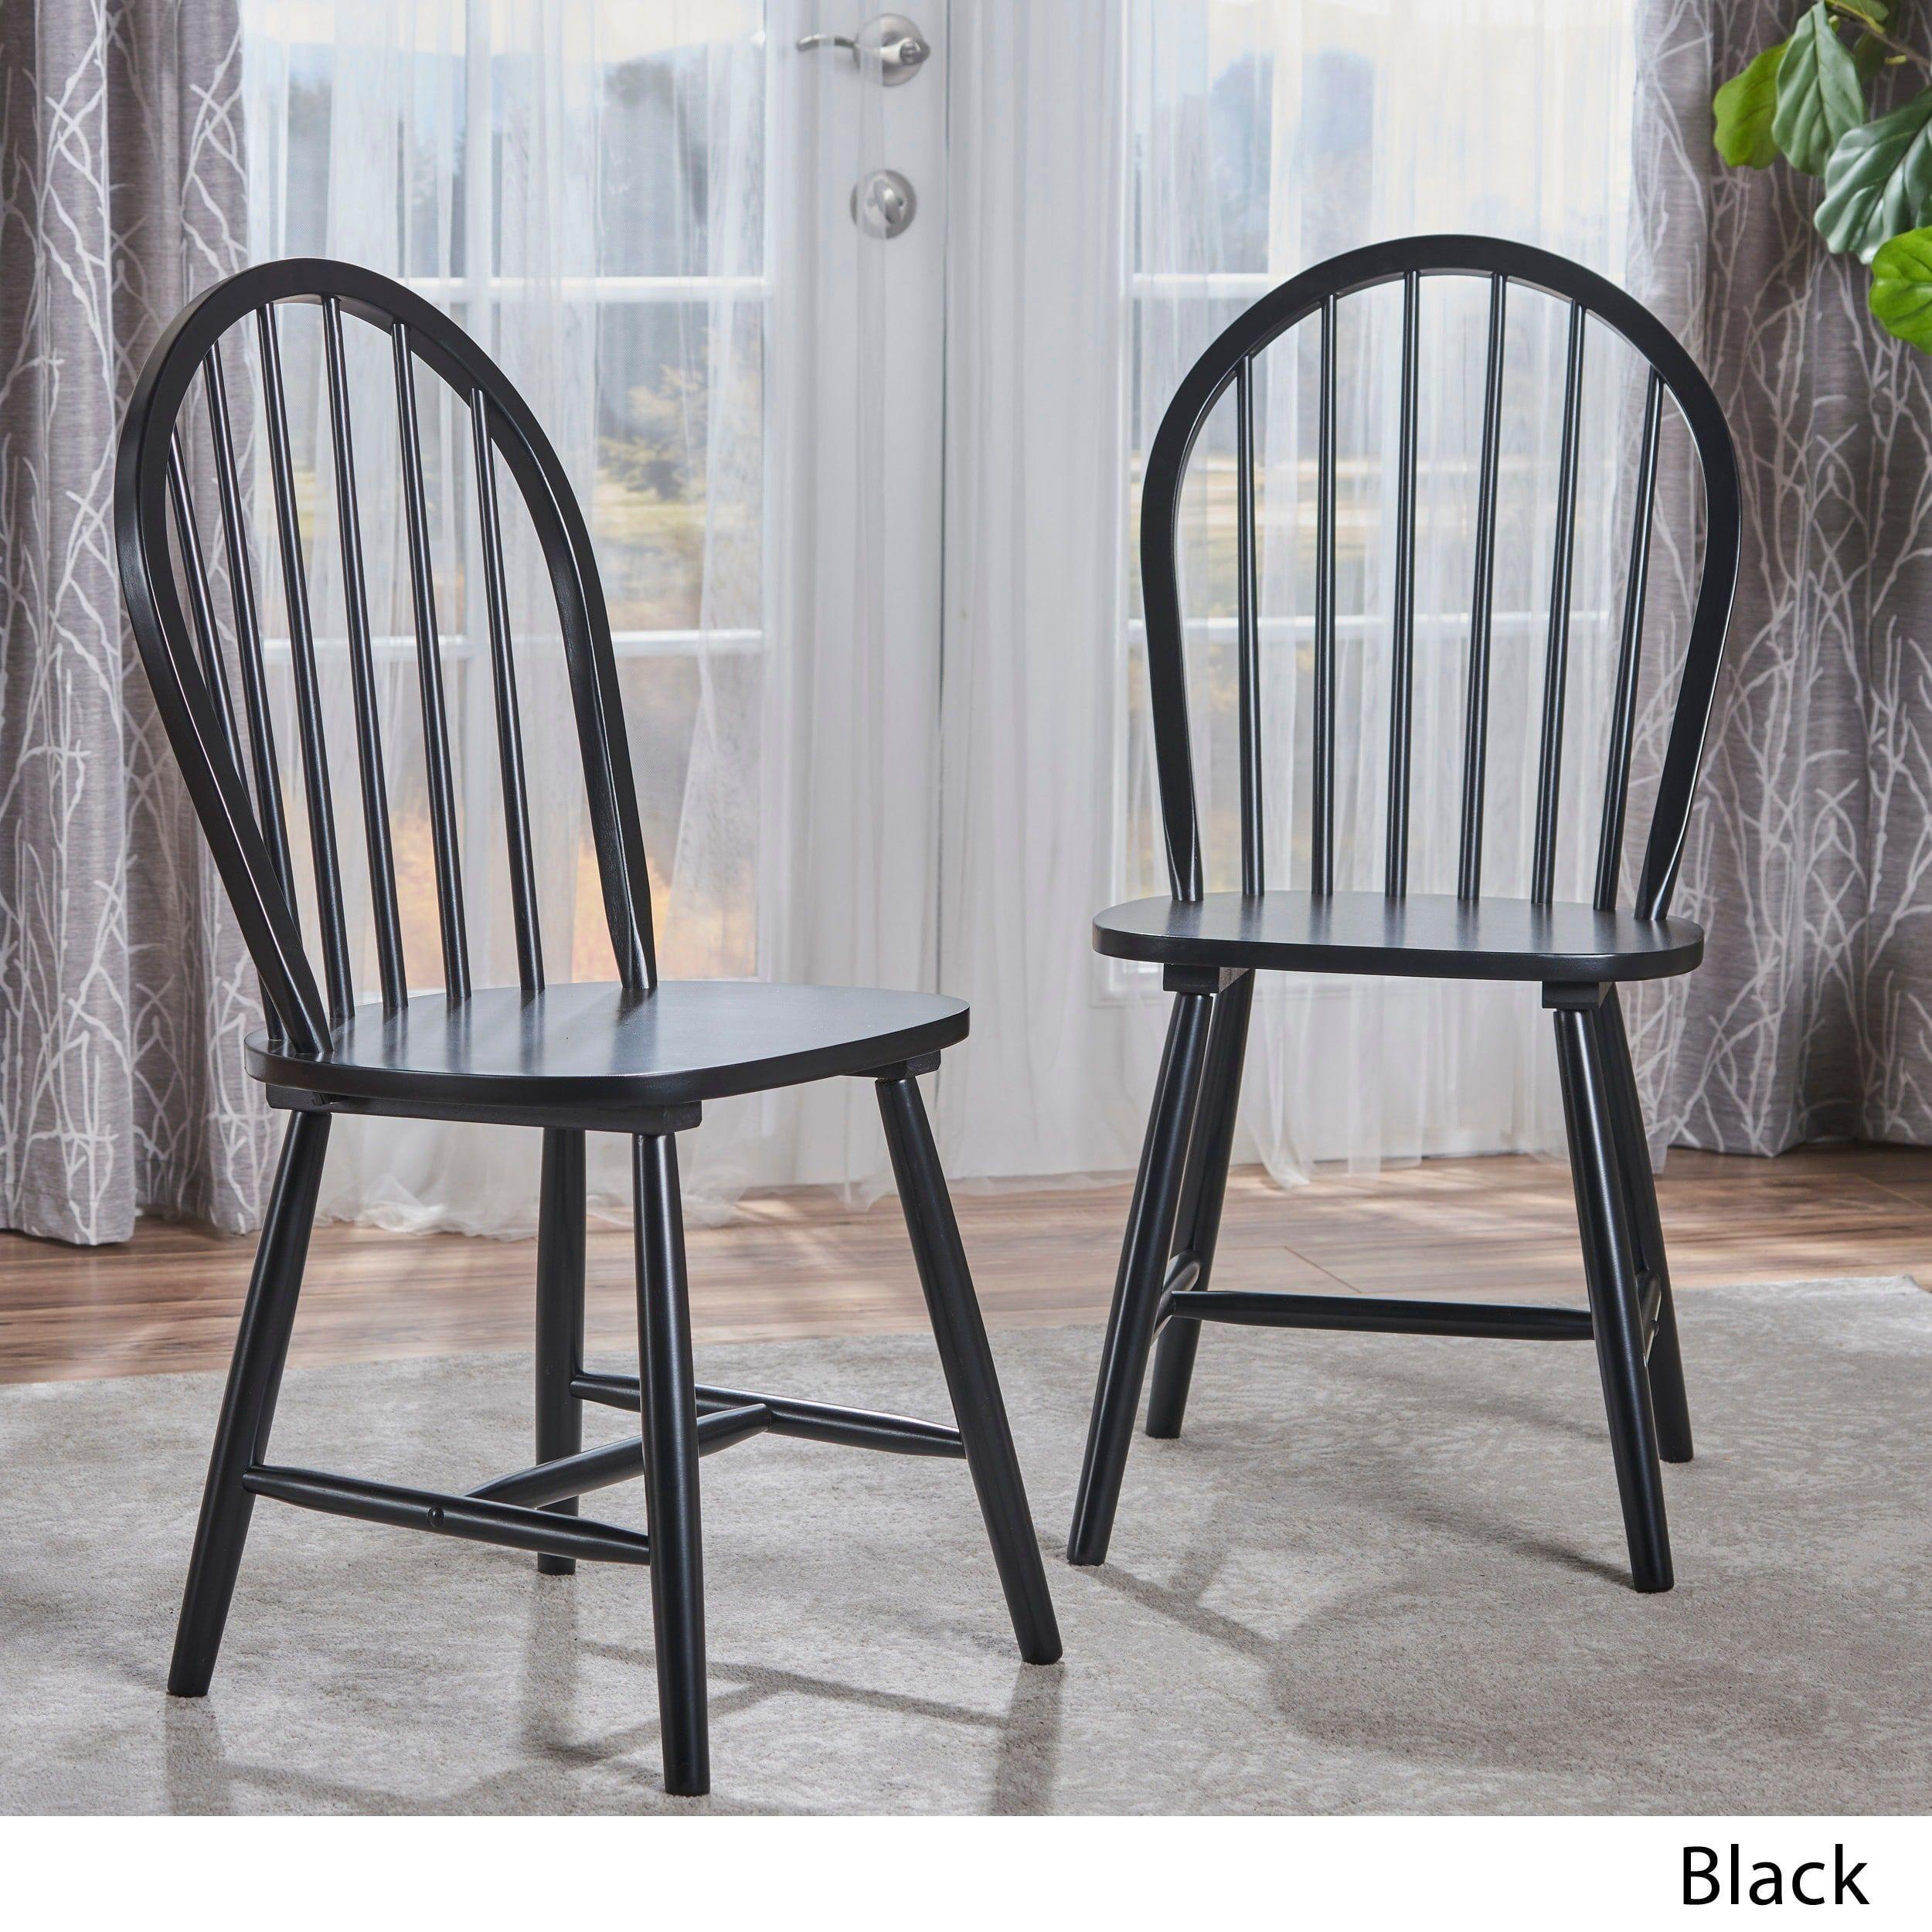 Astonishing Best Walmart Furniture 15 Cute Pieces You Need In Your Inzonedesignstudio Interior Chair Design Inzonedesignstudiocom